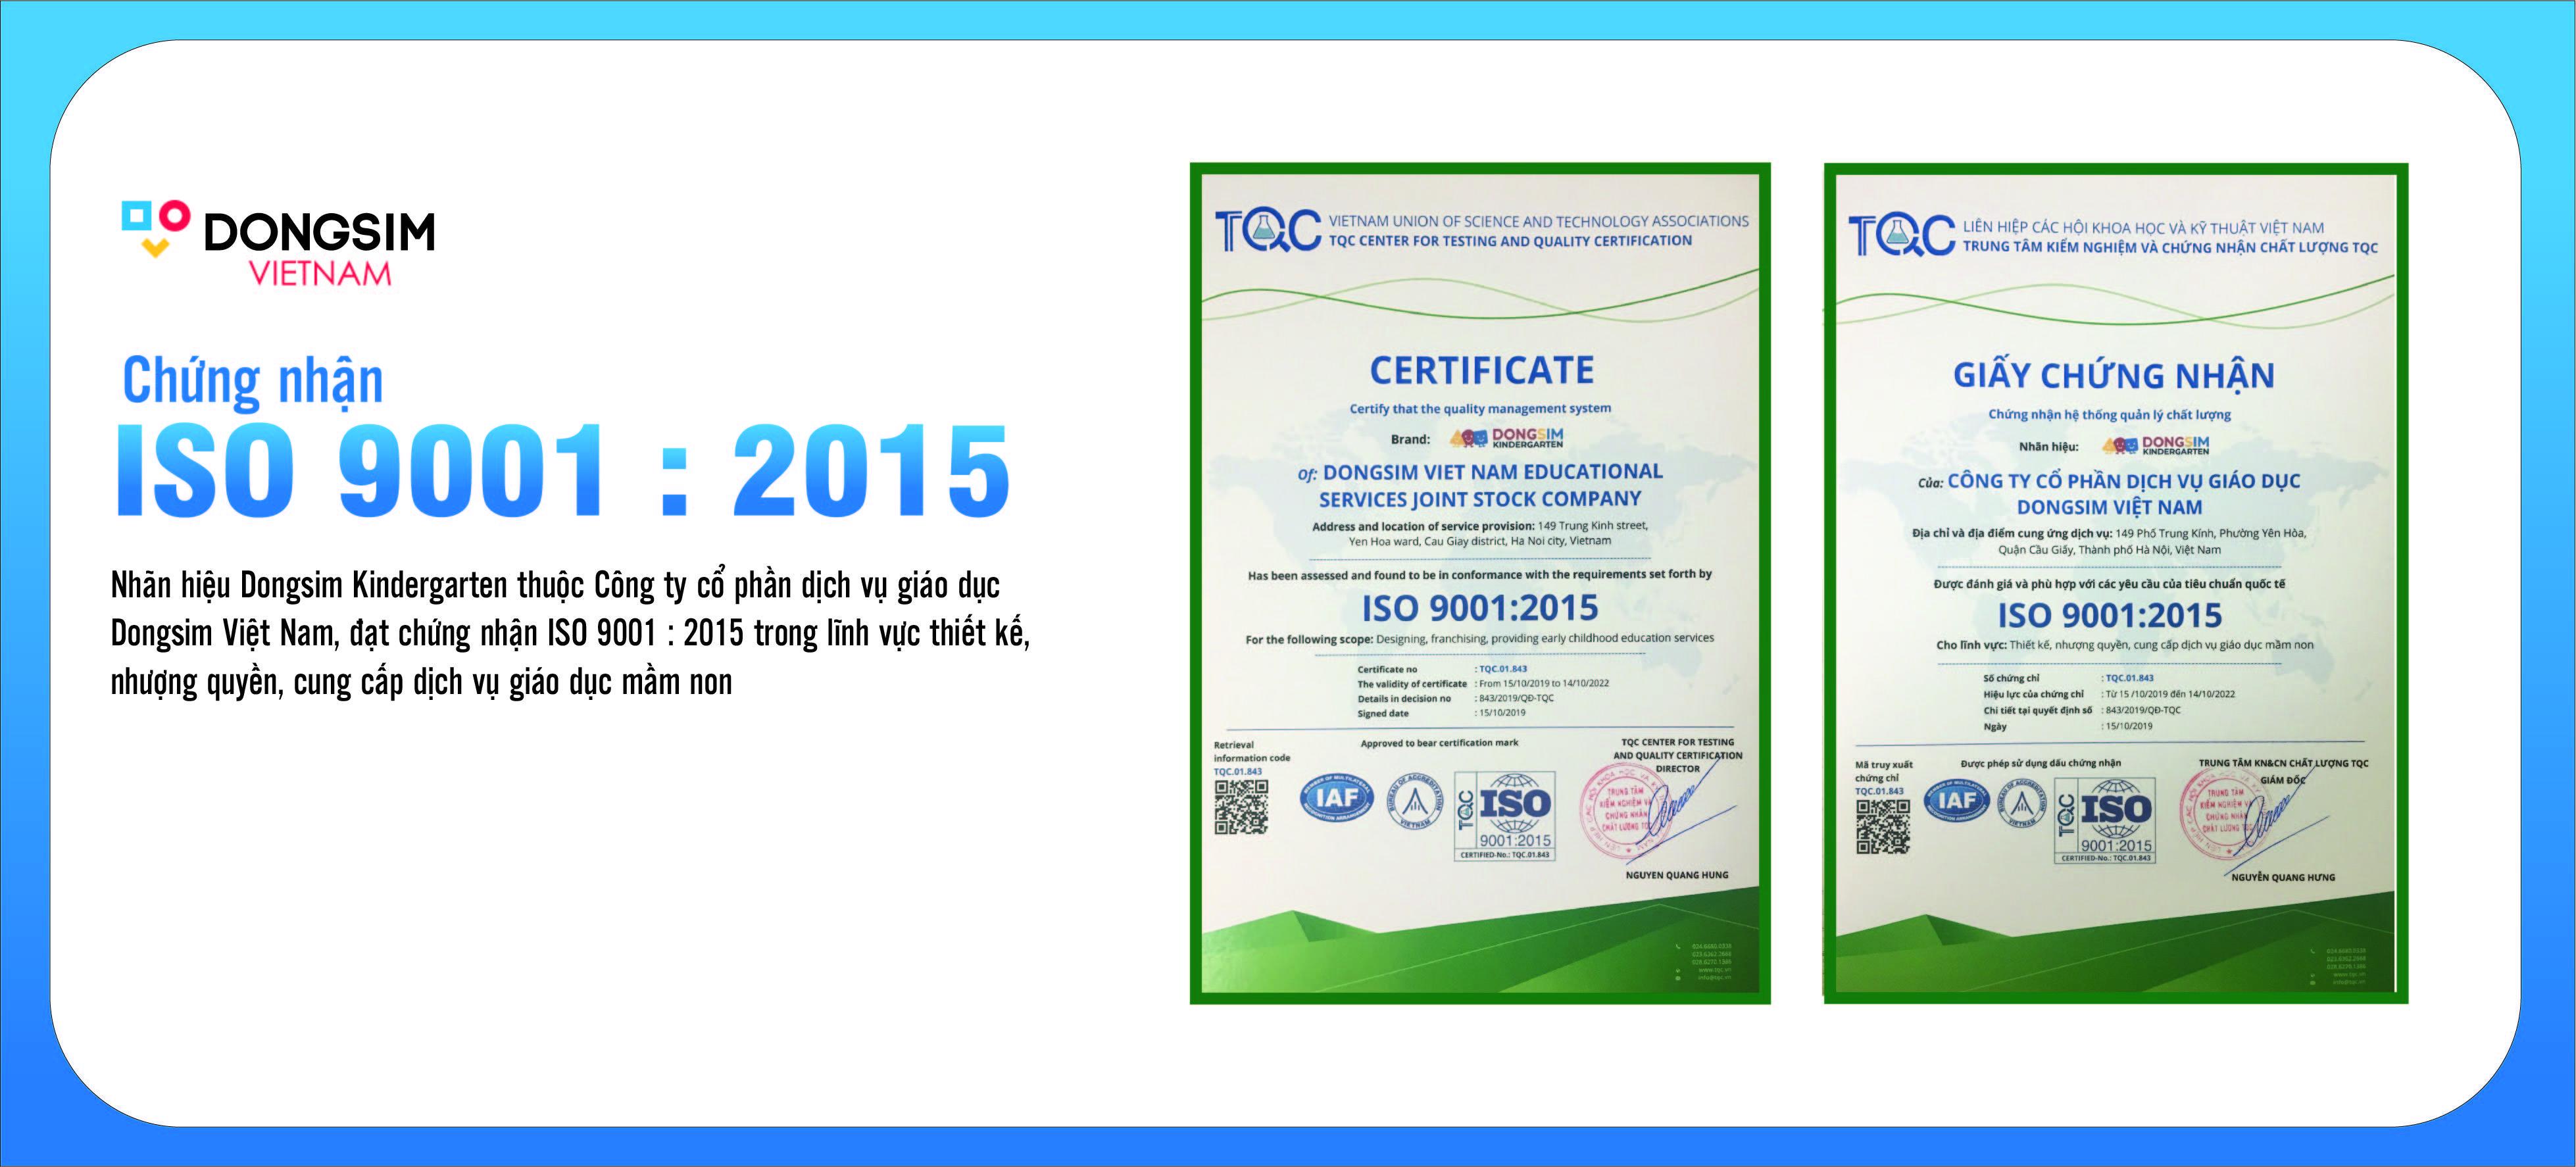 Dongsim Việt Nam đạt chứng nhận ISO 9001:2015